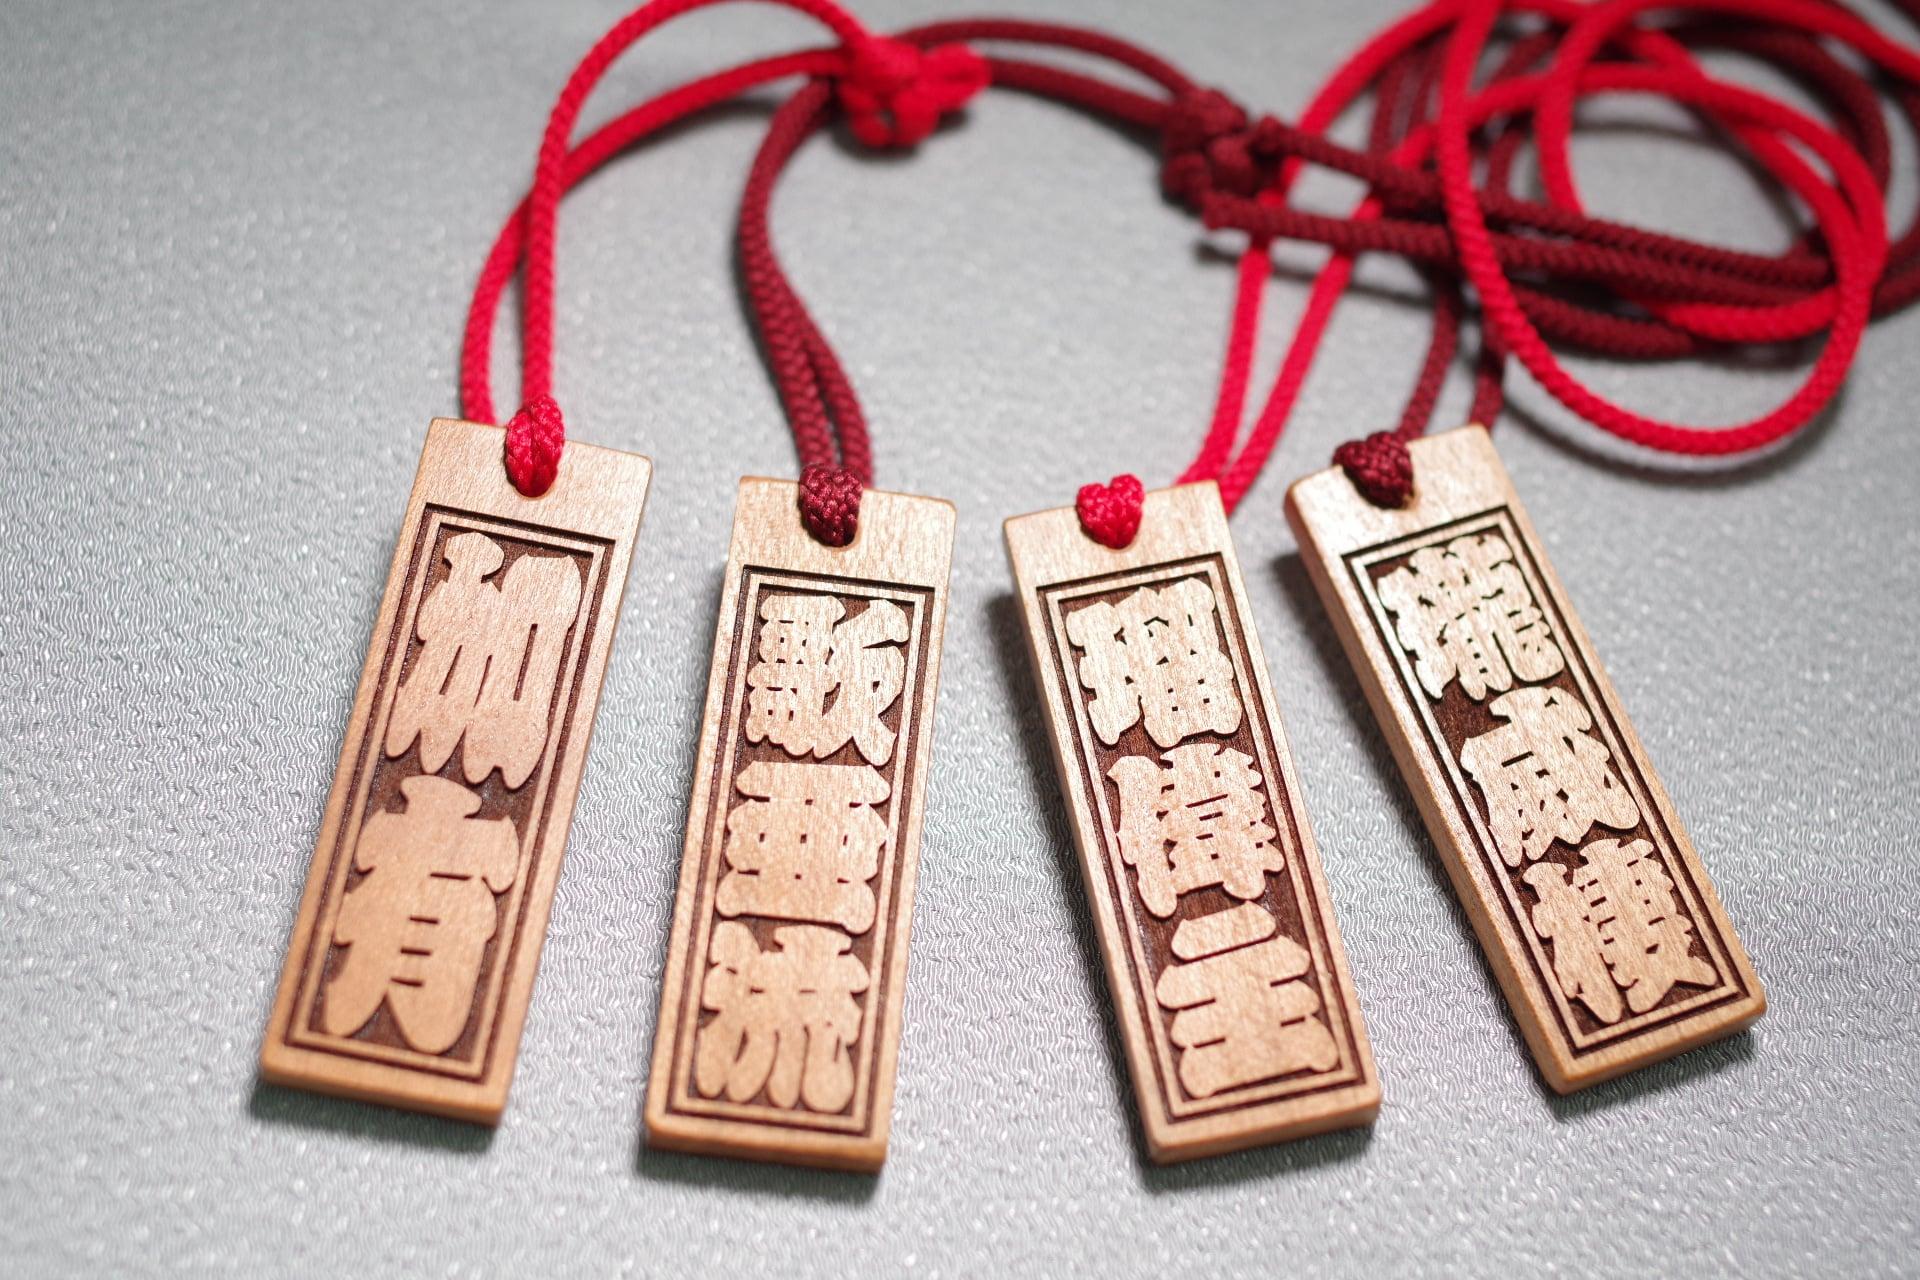 「漢字の当て字」選び方とアドバイス~外国の方へ日本らしい木札のギフト